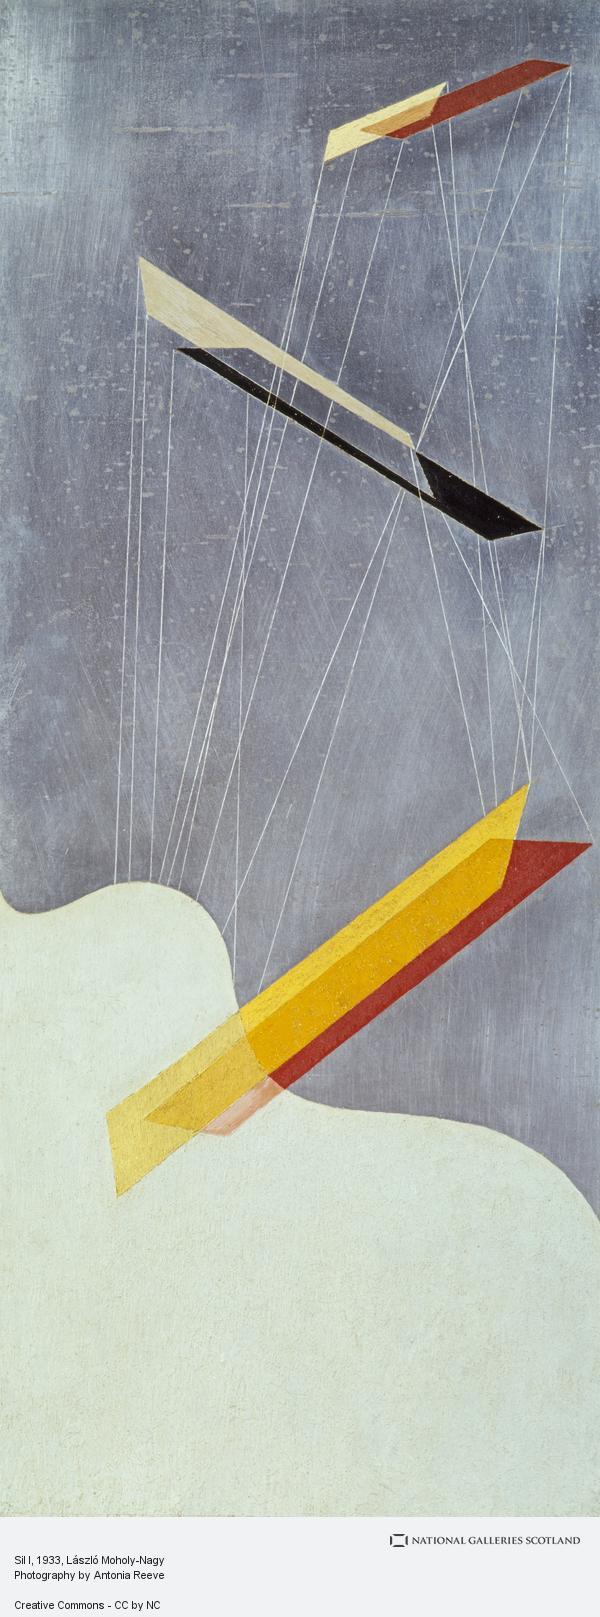 Laszlo Moholy-Nagy, Sil I